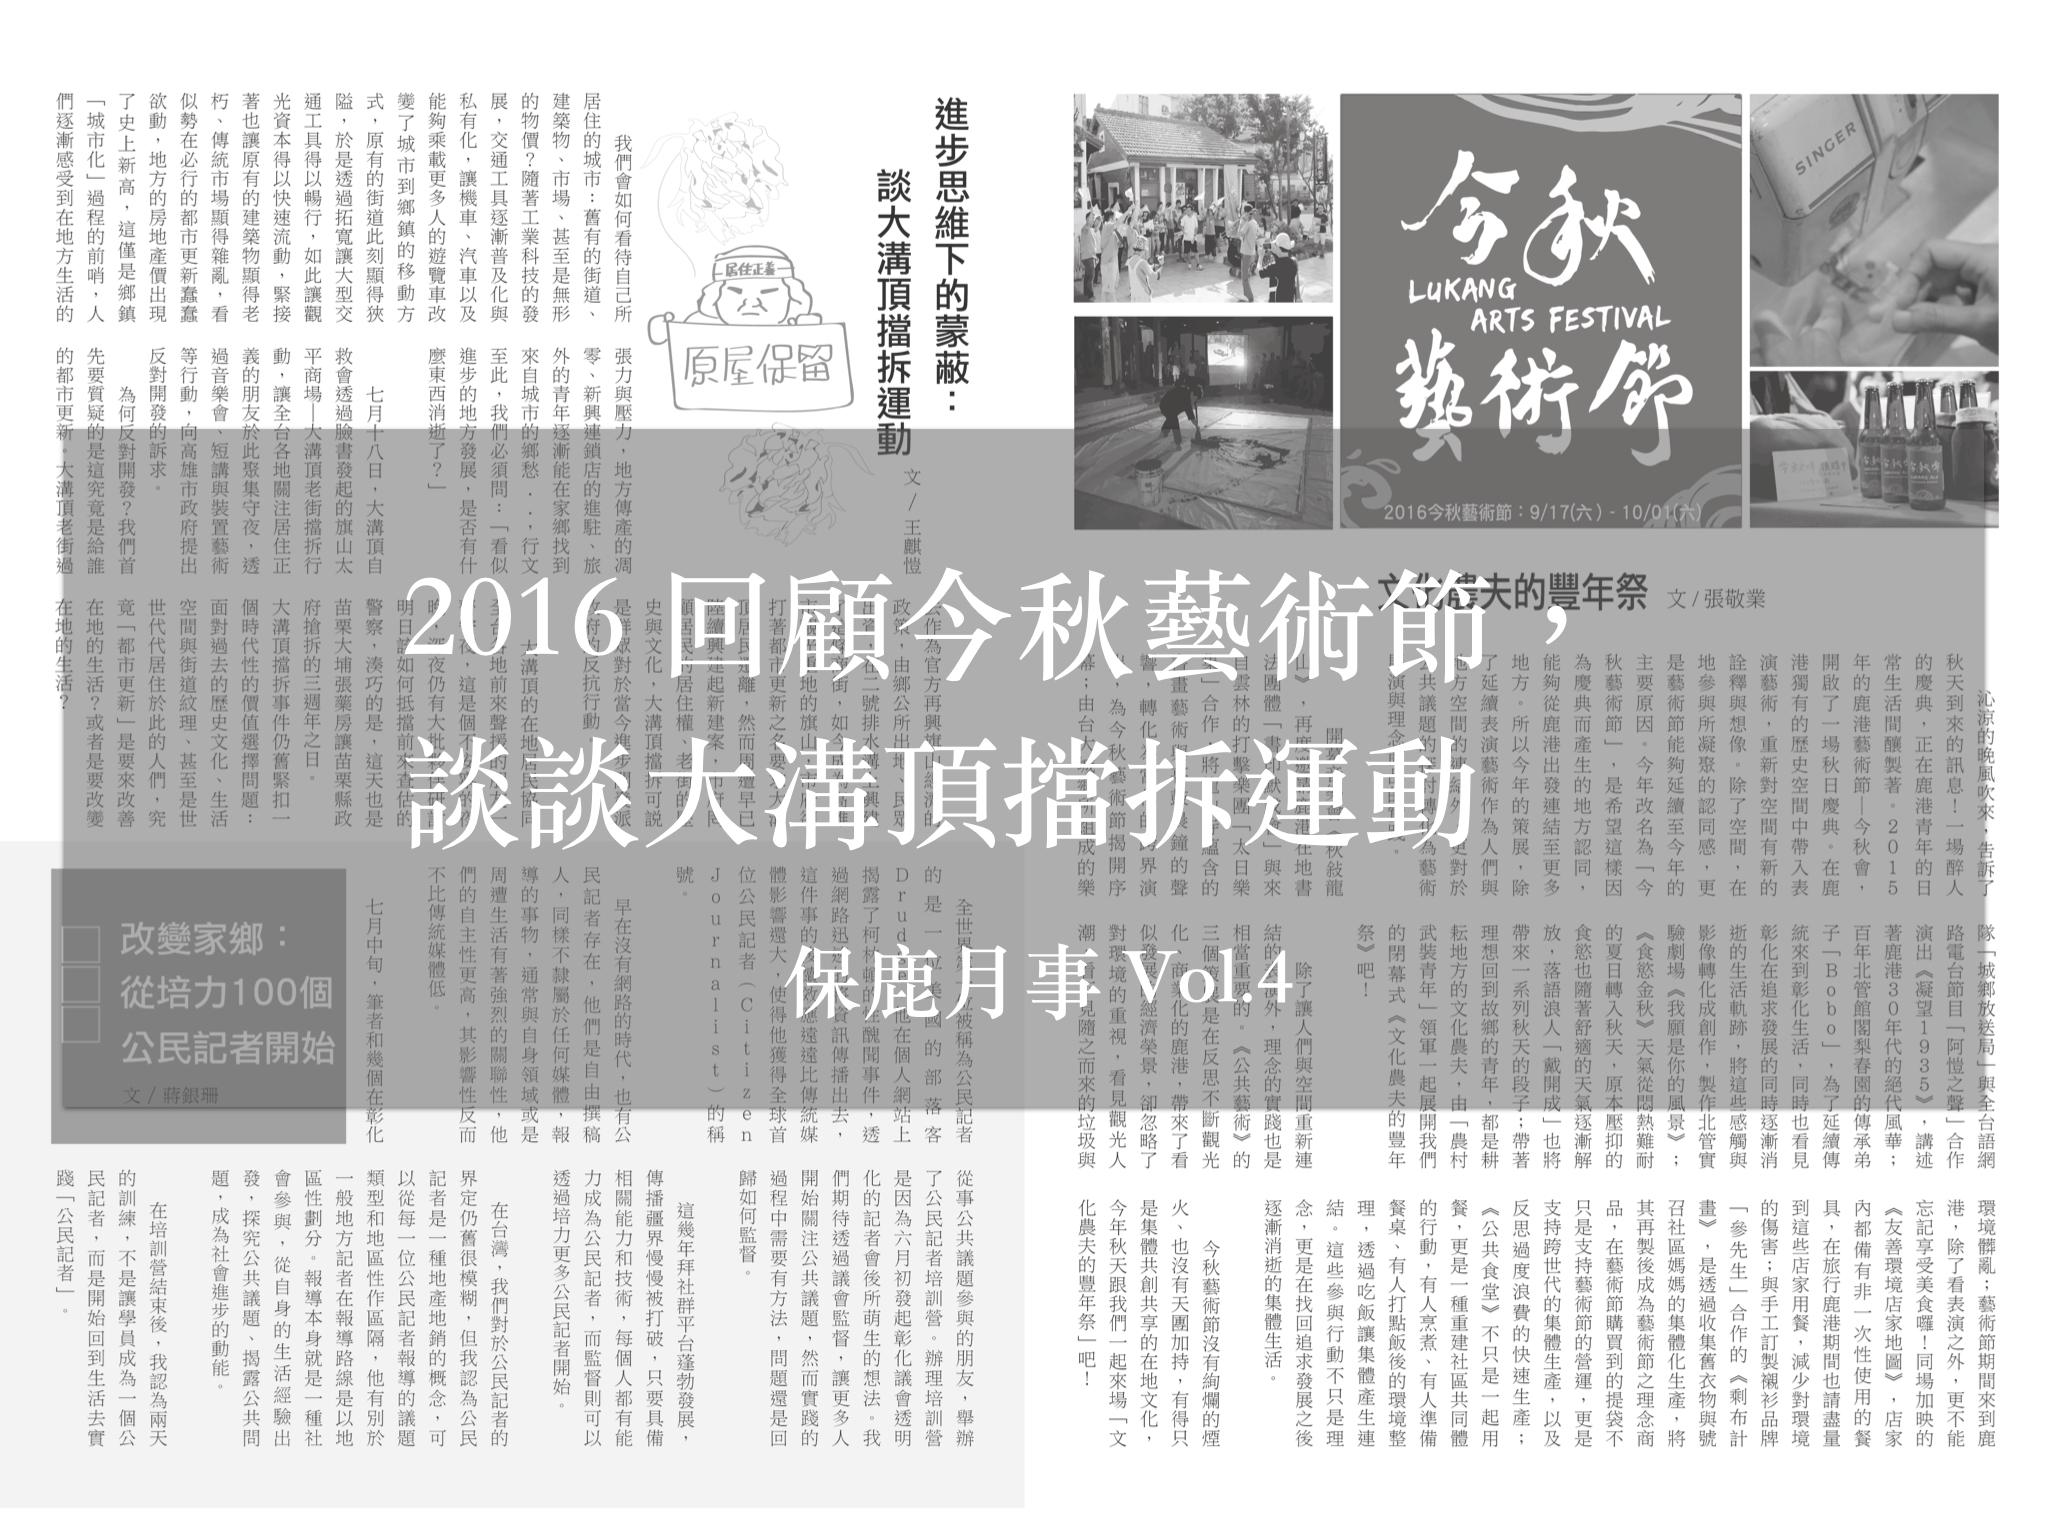 2016 回顧今秋藝術節,談談大溝頂擋拆運動|保鹿月事 Vol. 4